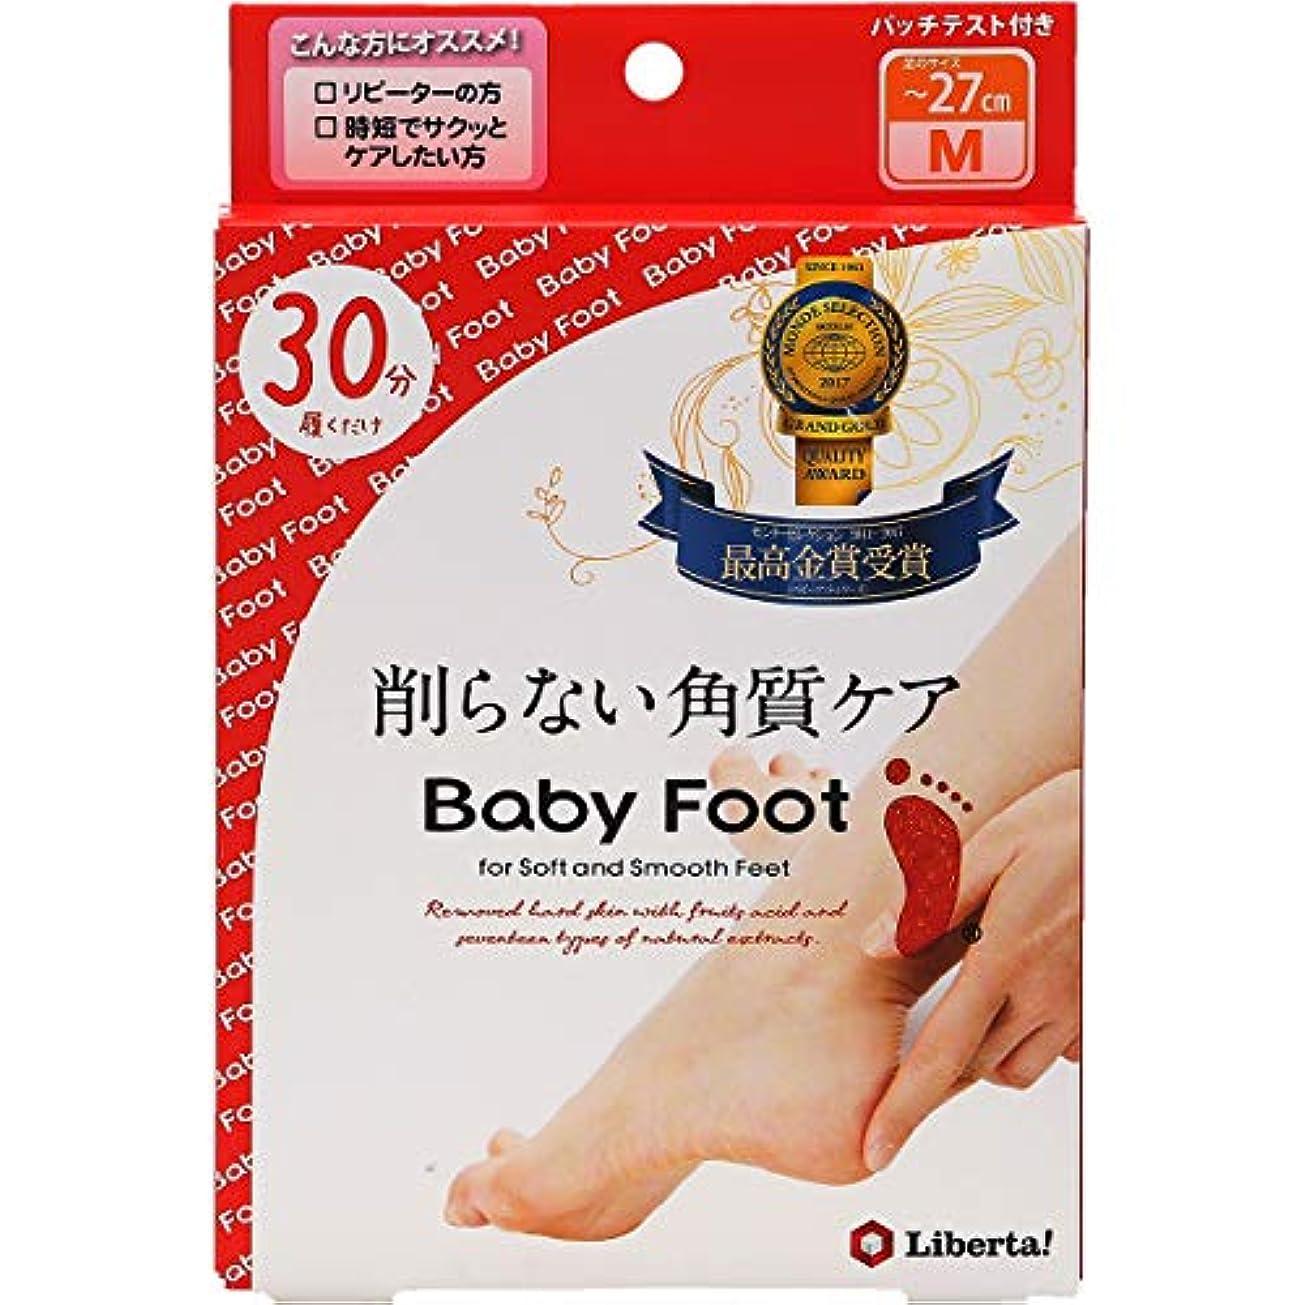 殉教者関係私たちのベビーフット (Baby Foot) ベビーフット イージーパック30分タイプ Mサイズ 単品